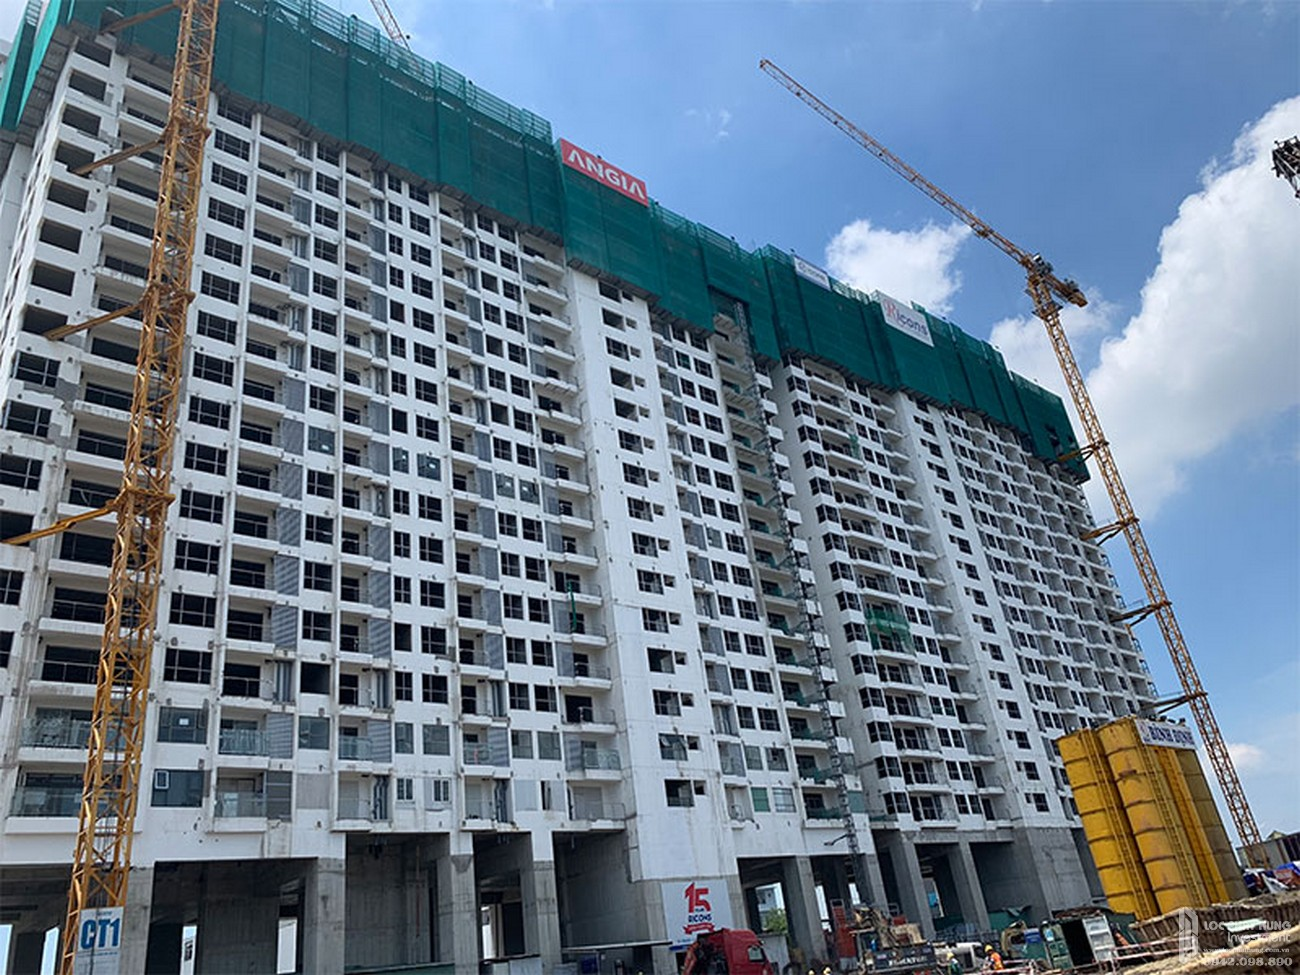 Tiến độ River Panorama dự án căn hộ chung cư Quận 7 tháng 08/2019 Đường Hoàng Quốc Việt chủ đầu tư An Gia Investment